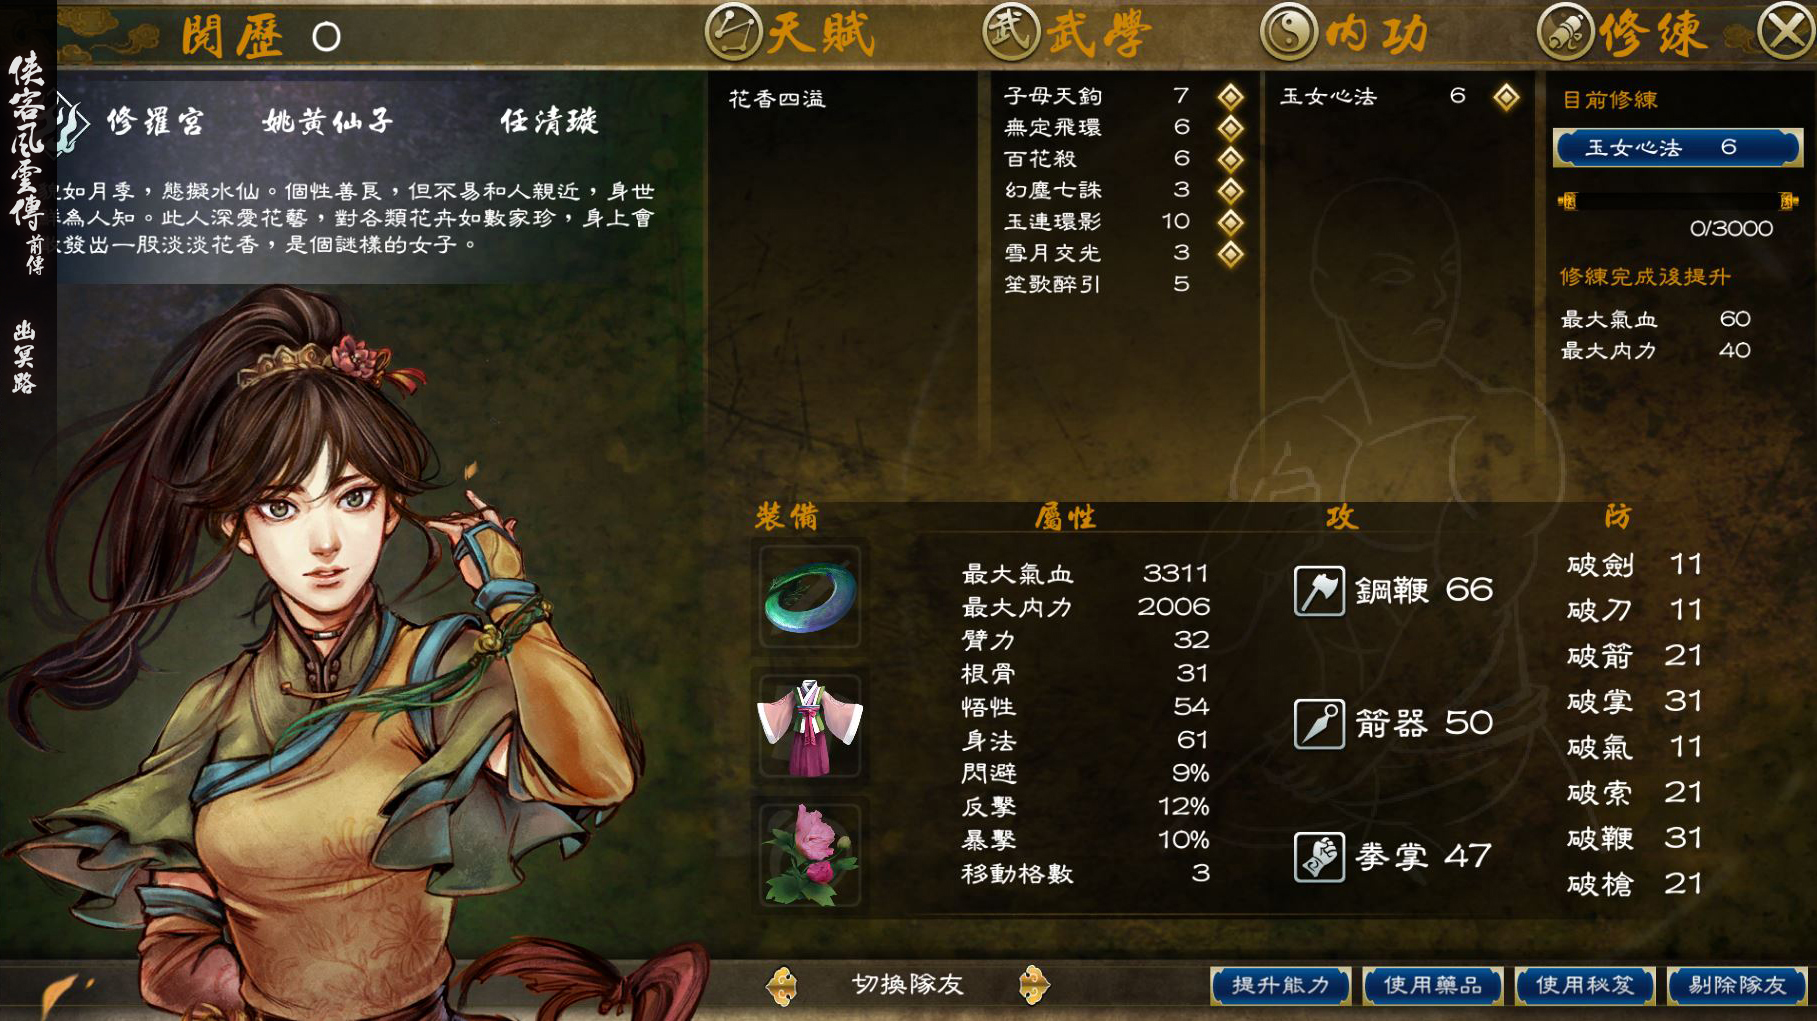 侠客风云传前传游戏图片2